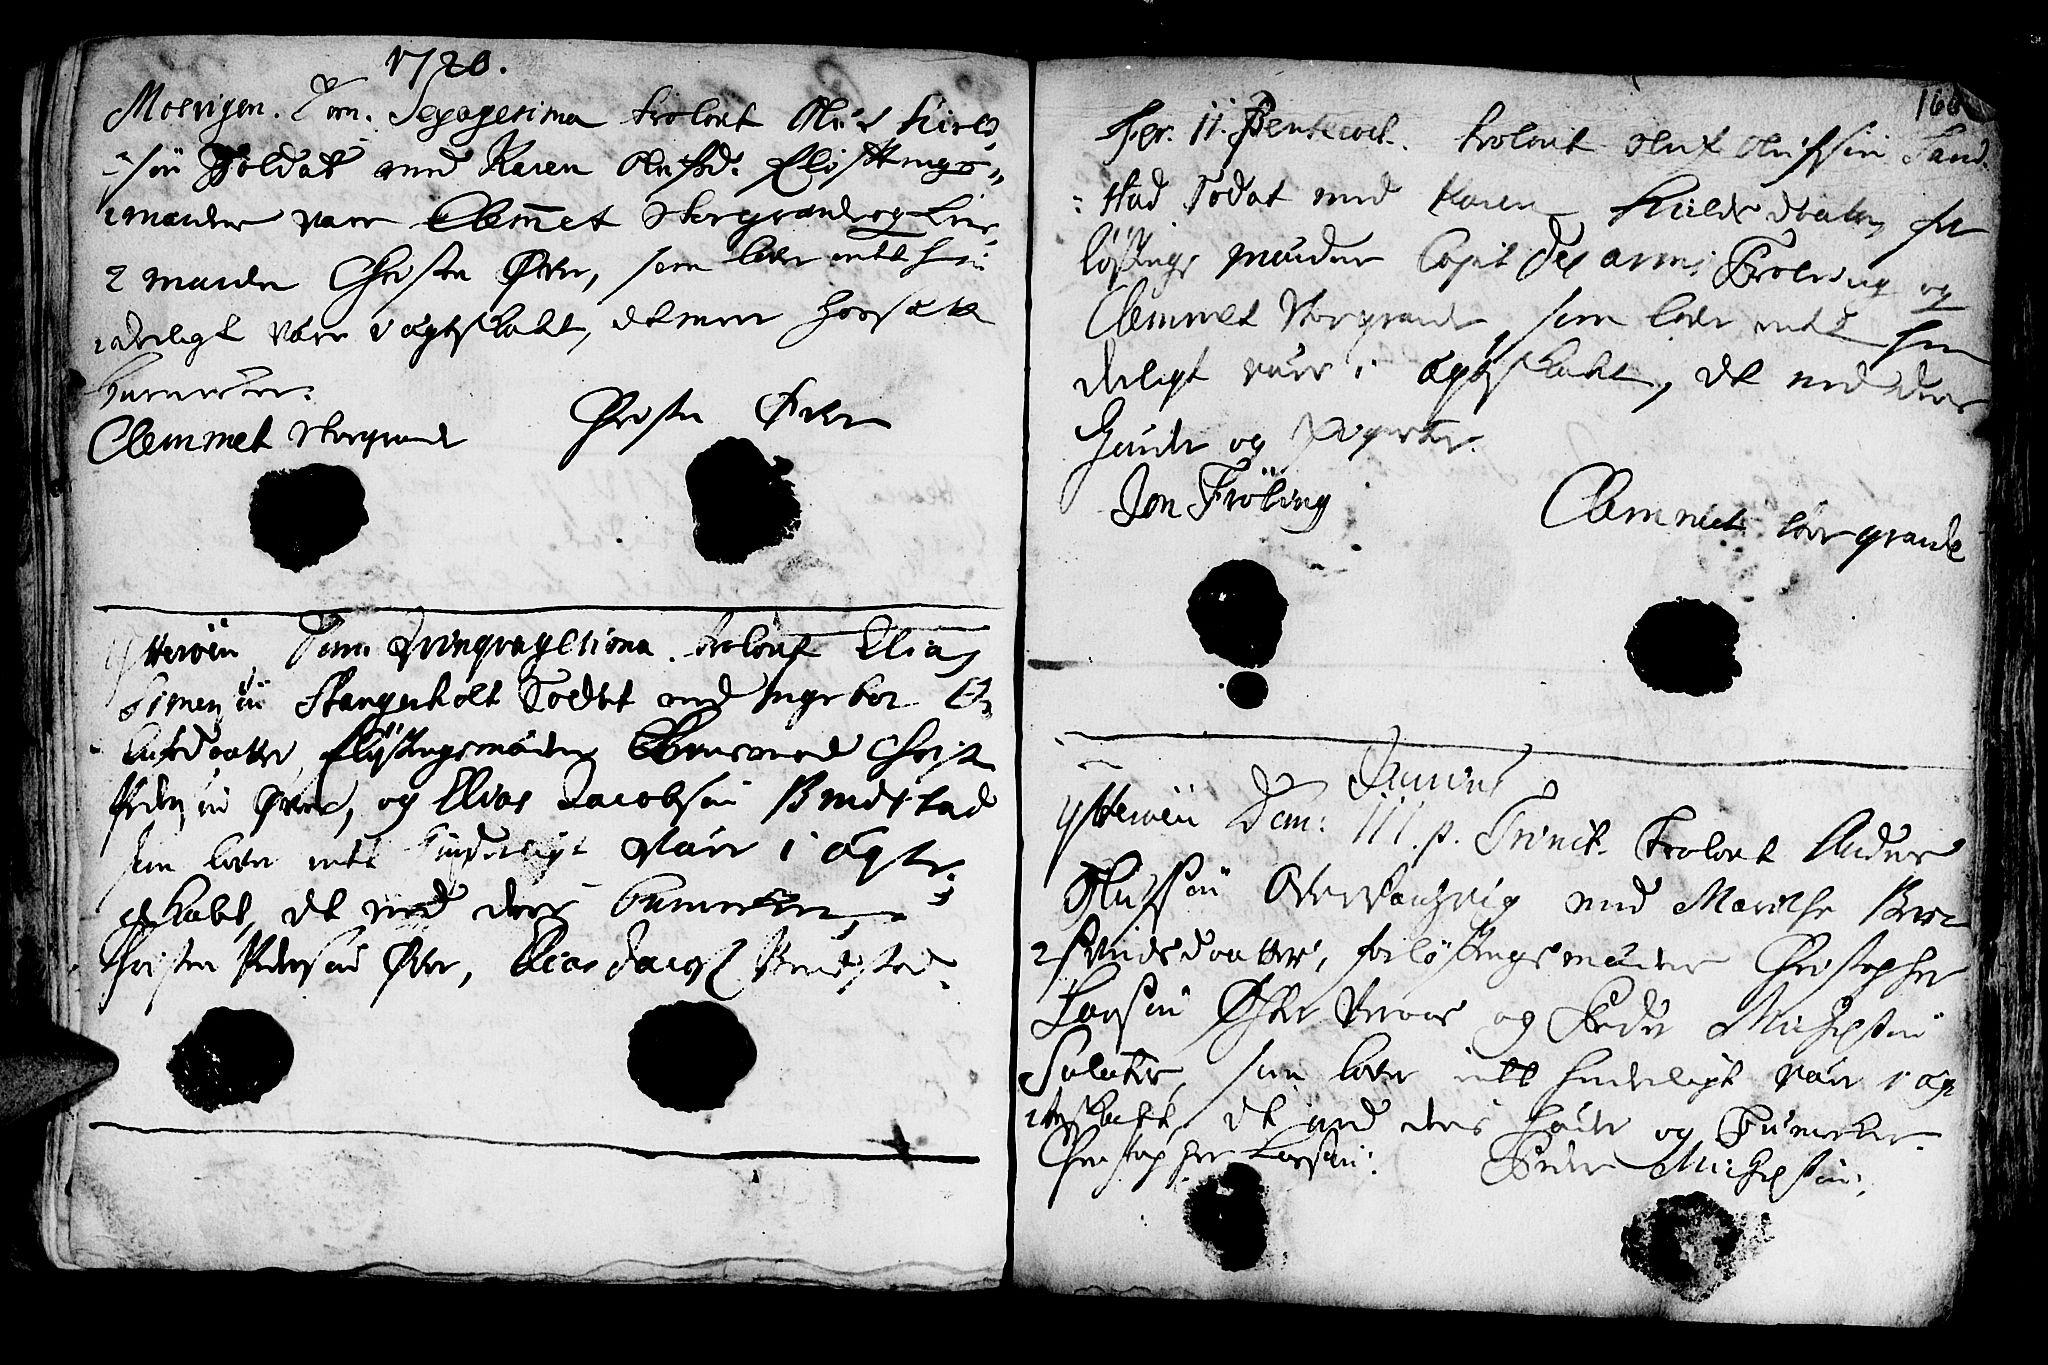 SAT, Ministerialprotokoller, klokkerbøker og fødselsregistre - Nord-Trøndelag, 722/L0215: Ministerialbok nr. 722A02, 1718-1755, s. 166